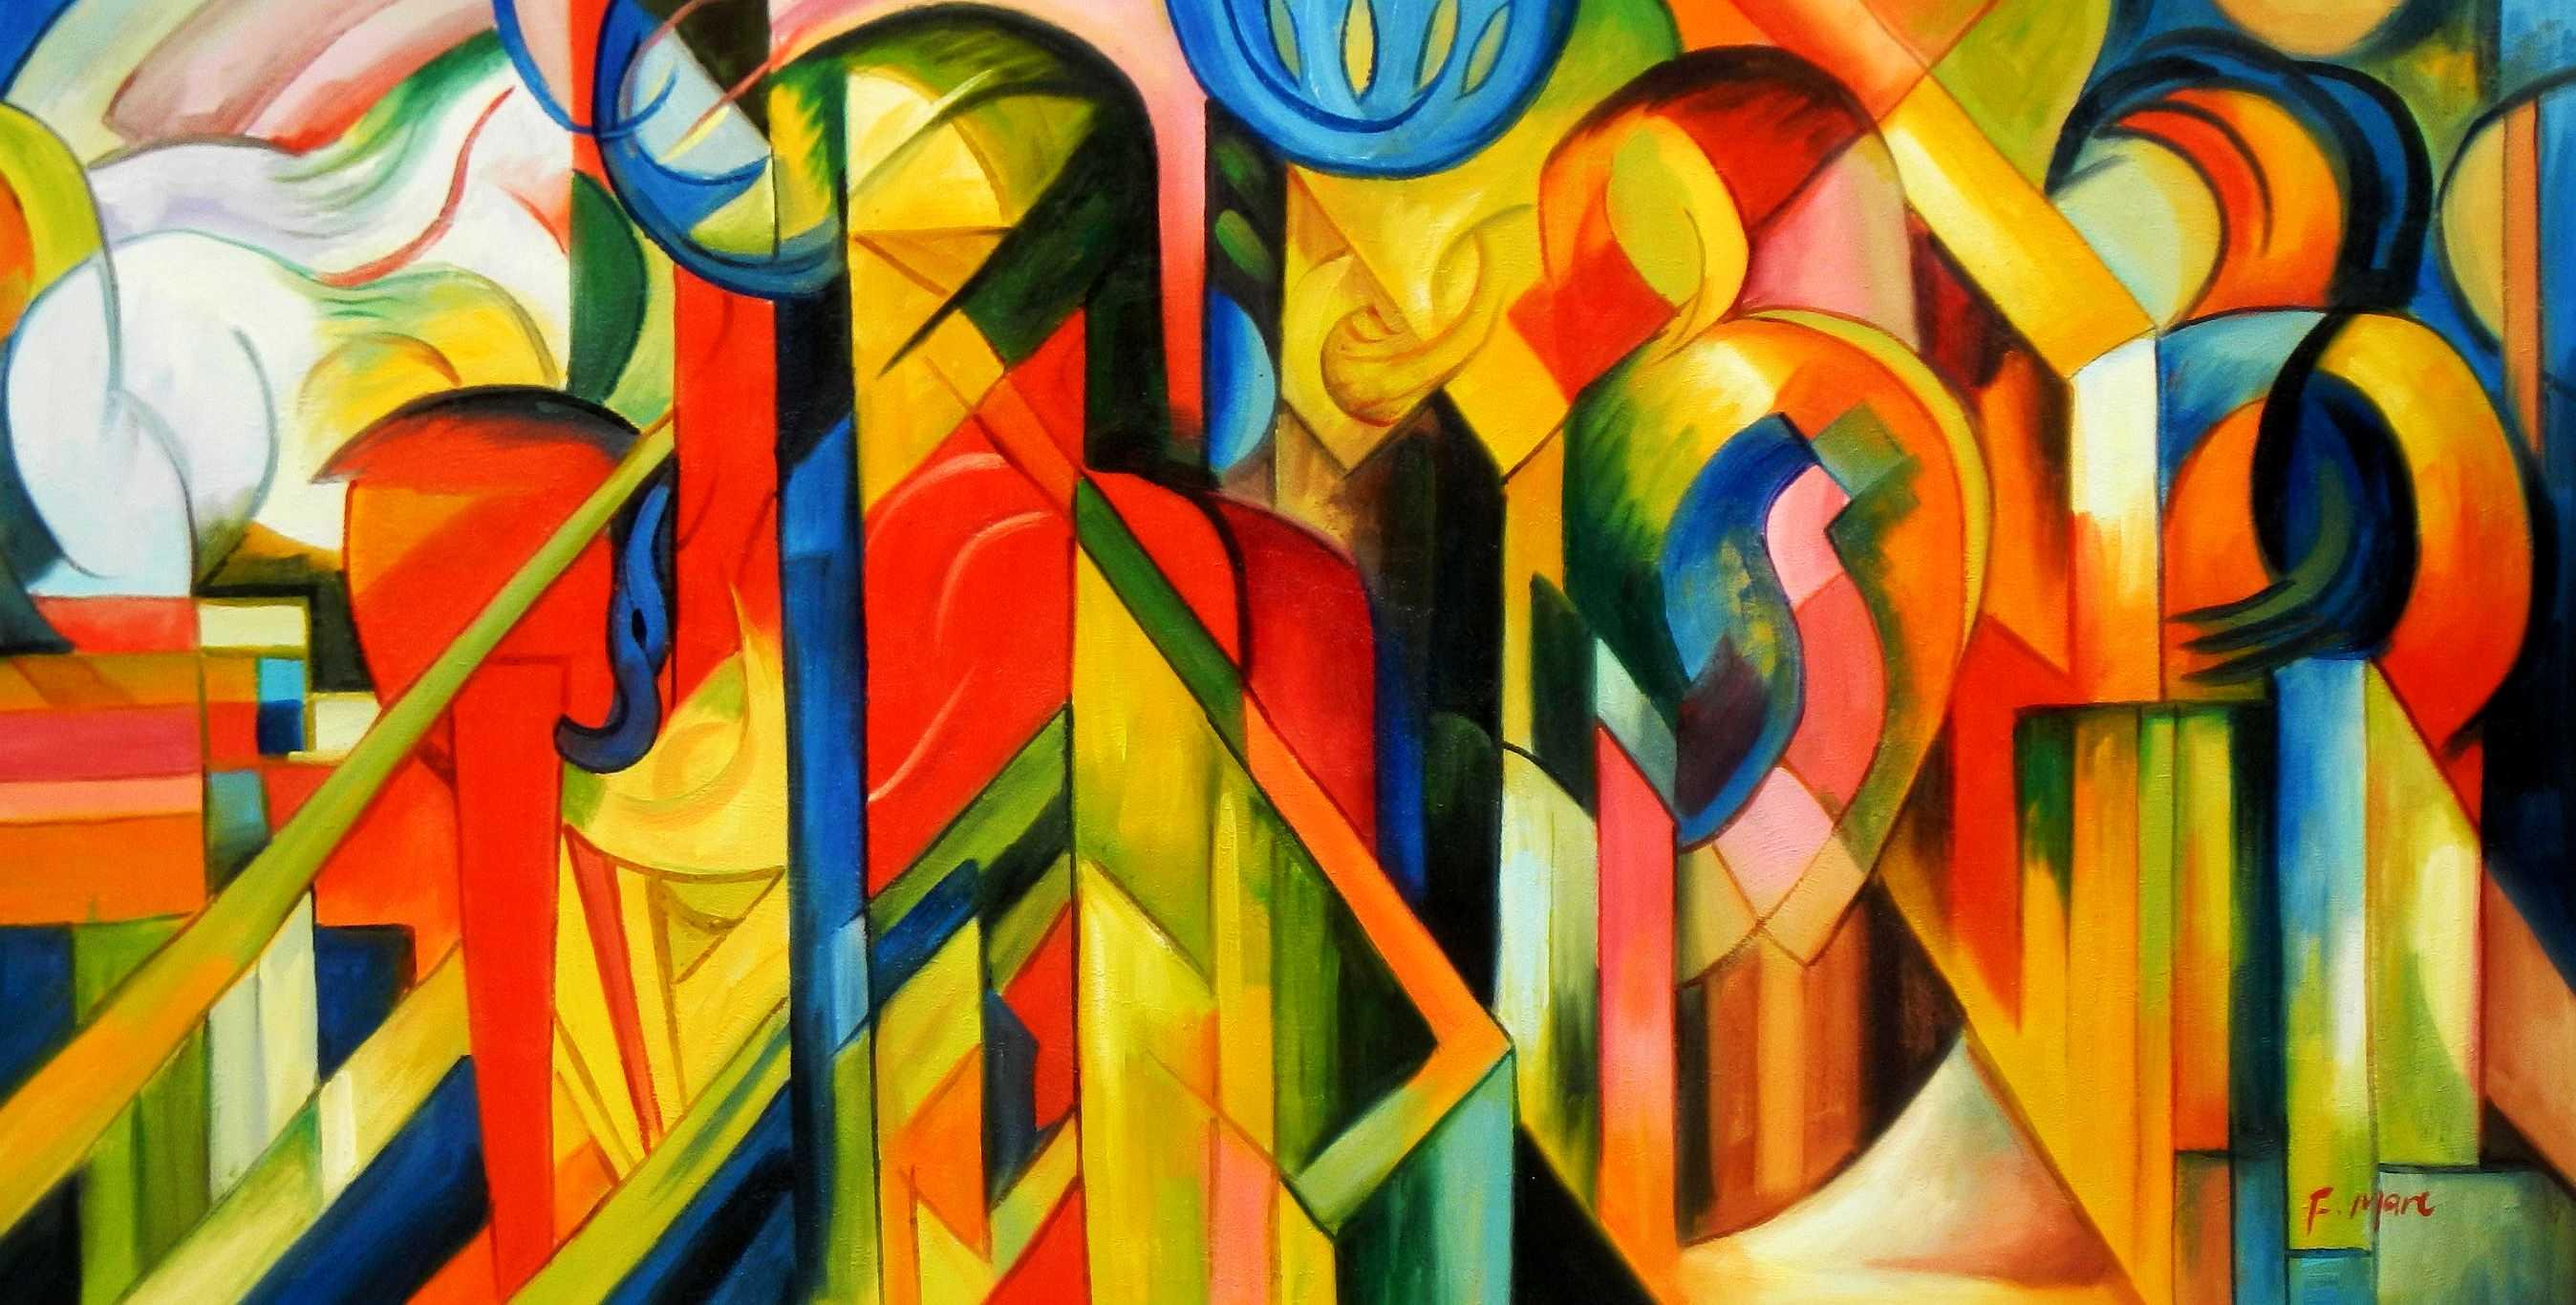 Franz Marc - Stallungen f95220 60x120cm Expressionismus Ölgemälde handgemalt